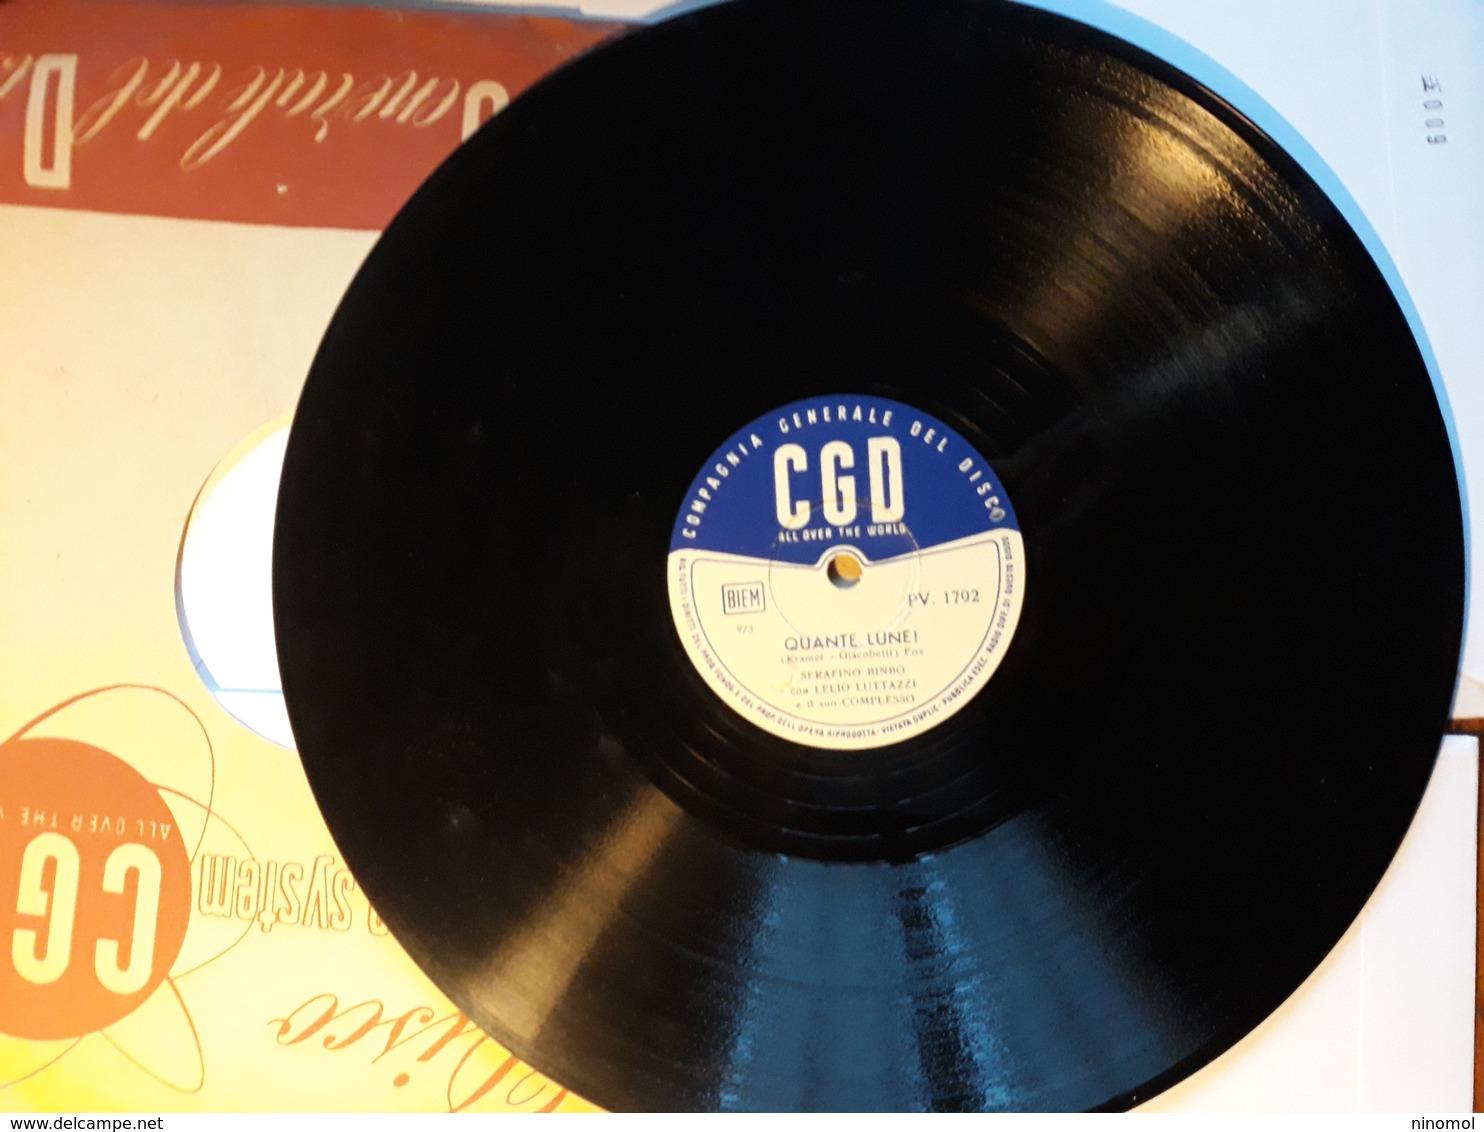 CGD  -  1952.  Serie  PV  Nr. 1792. Serafino BinBo  Con Lelio Luttazzi - 78 G - Dischi Per Fonografi